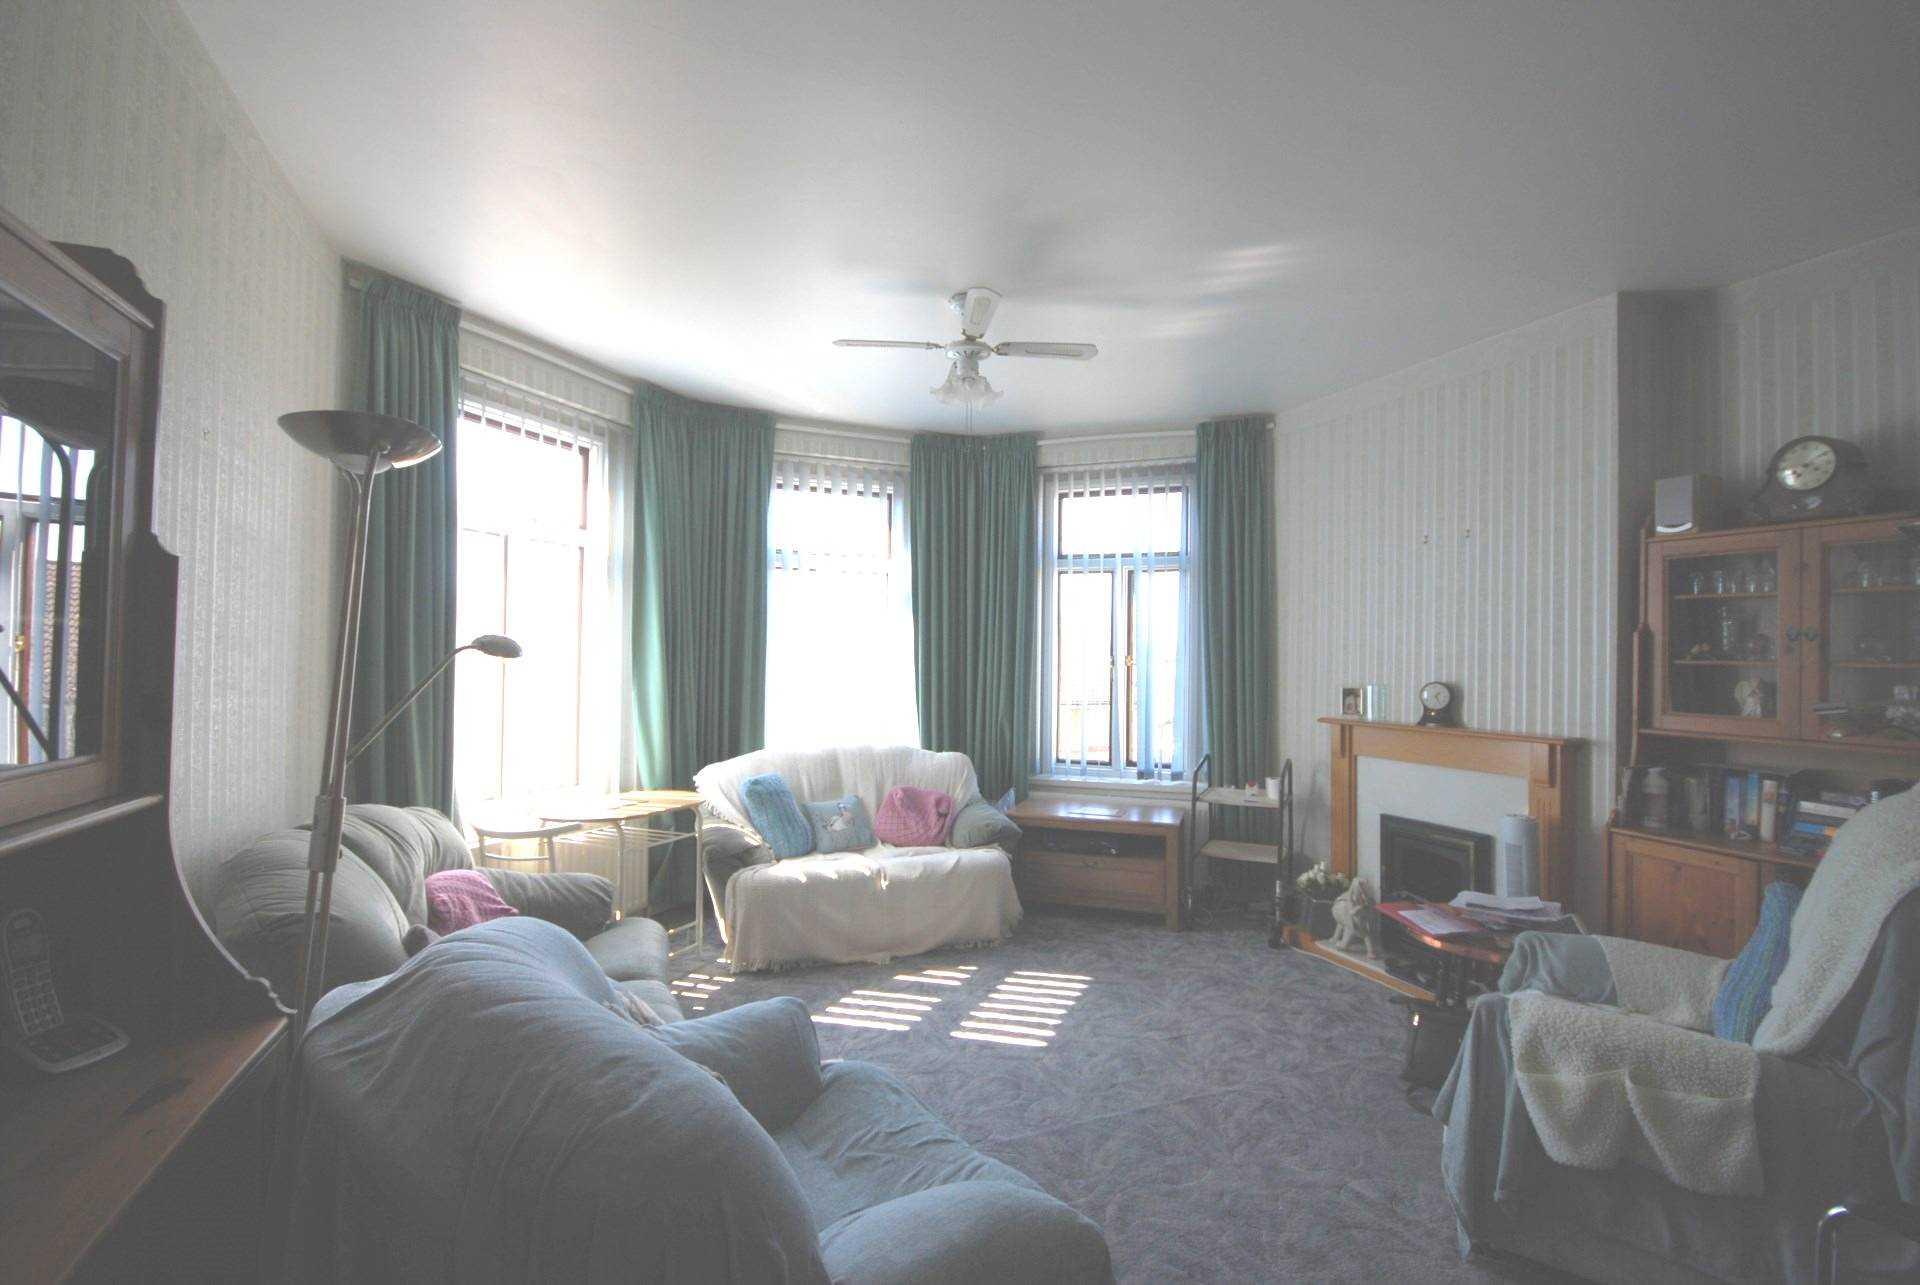 Etloe House, Leyton, E10 7DF, Image 4